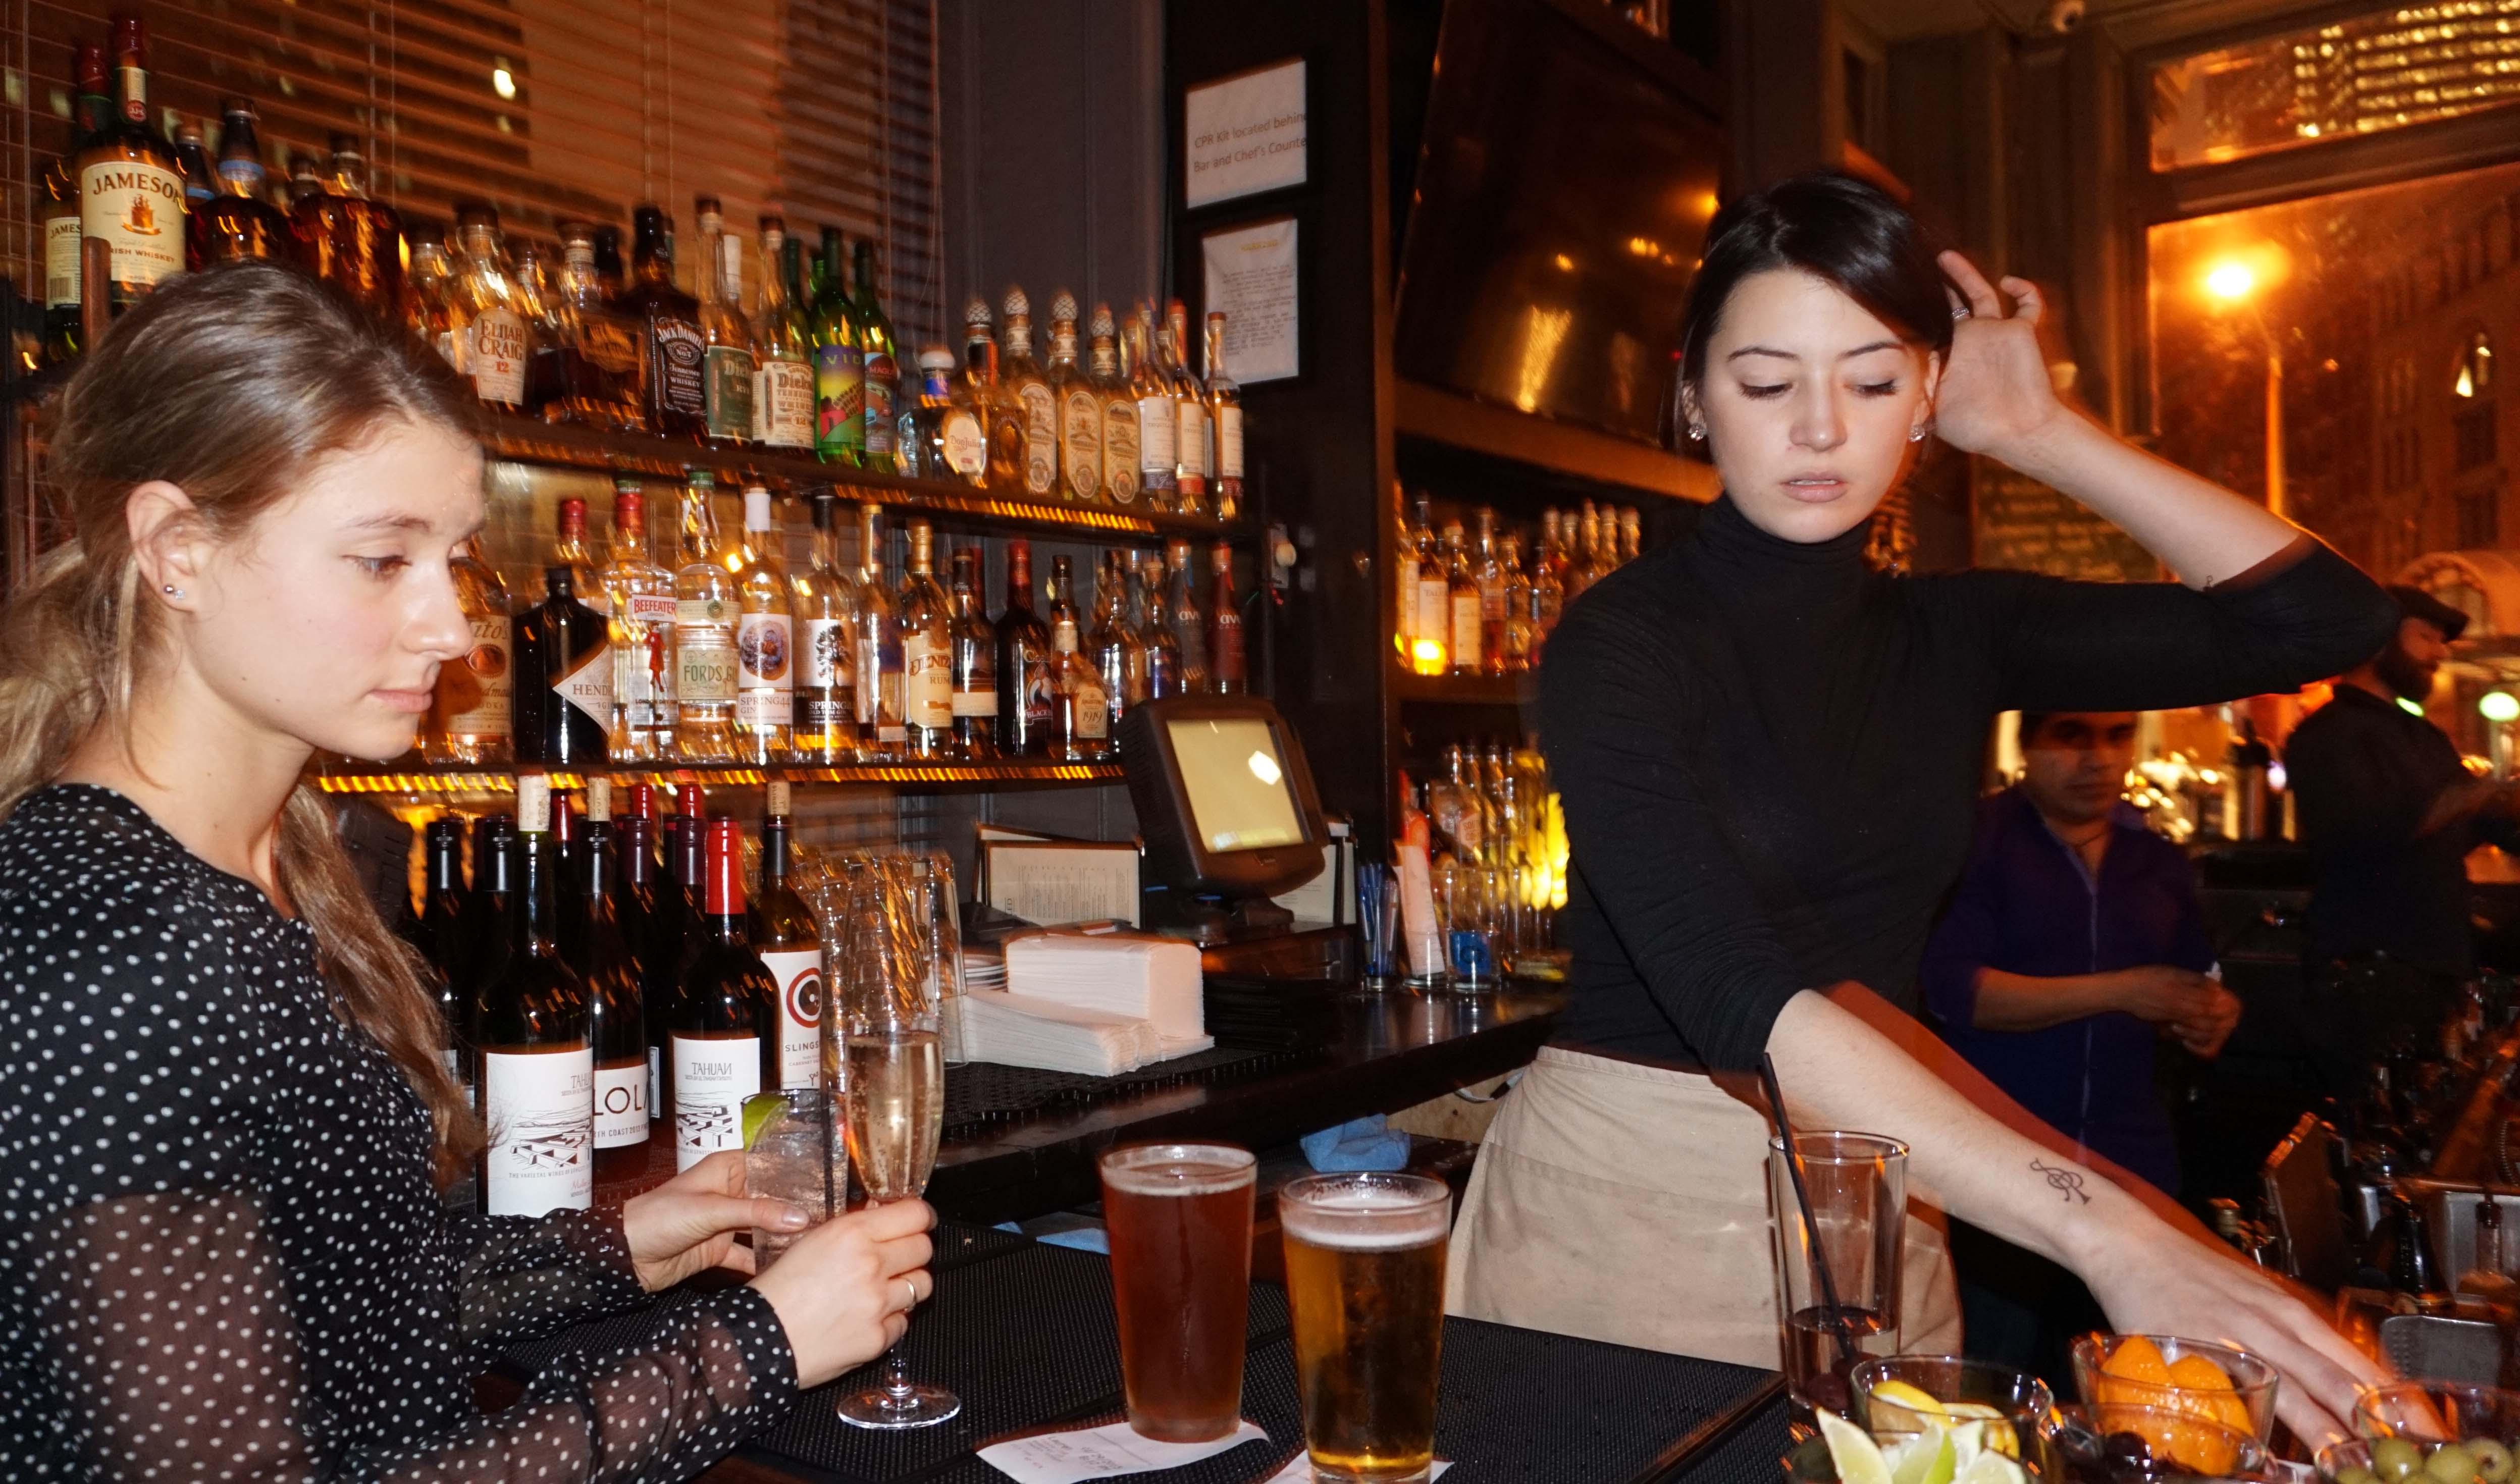 Bartender Distilled